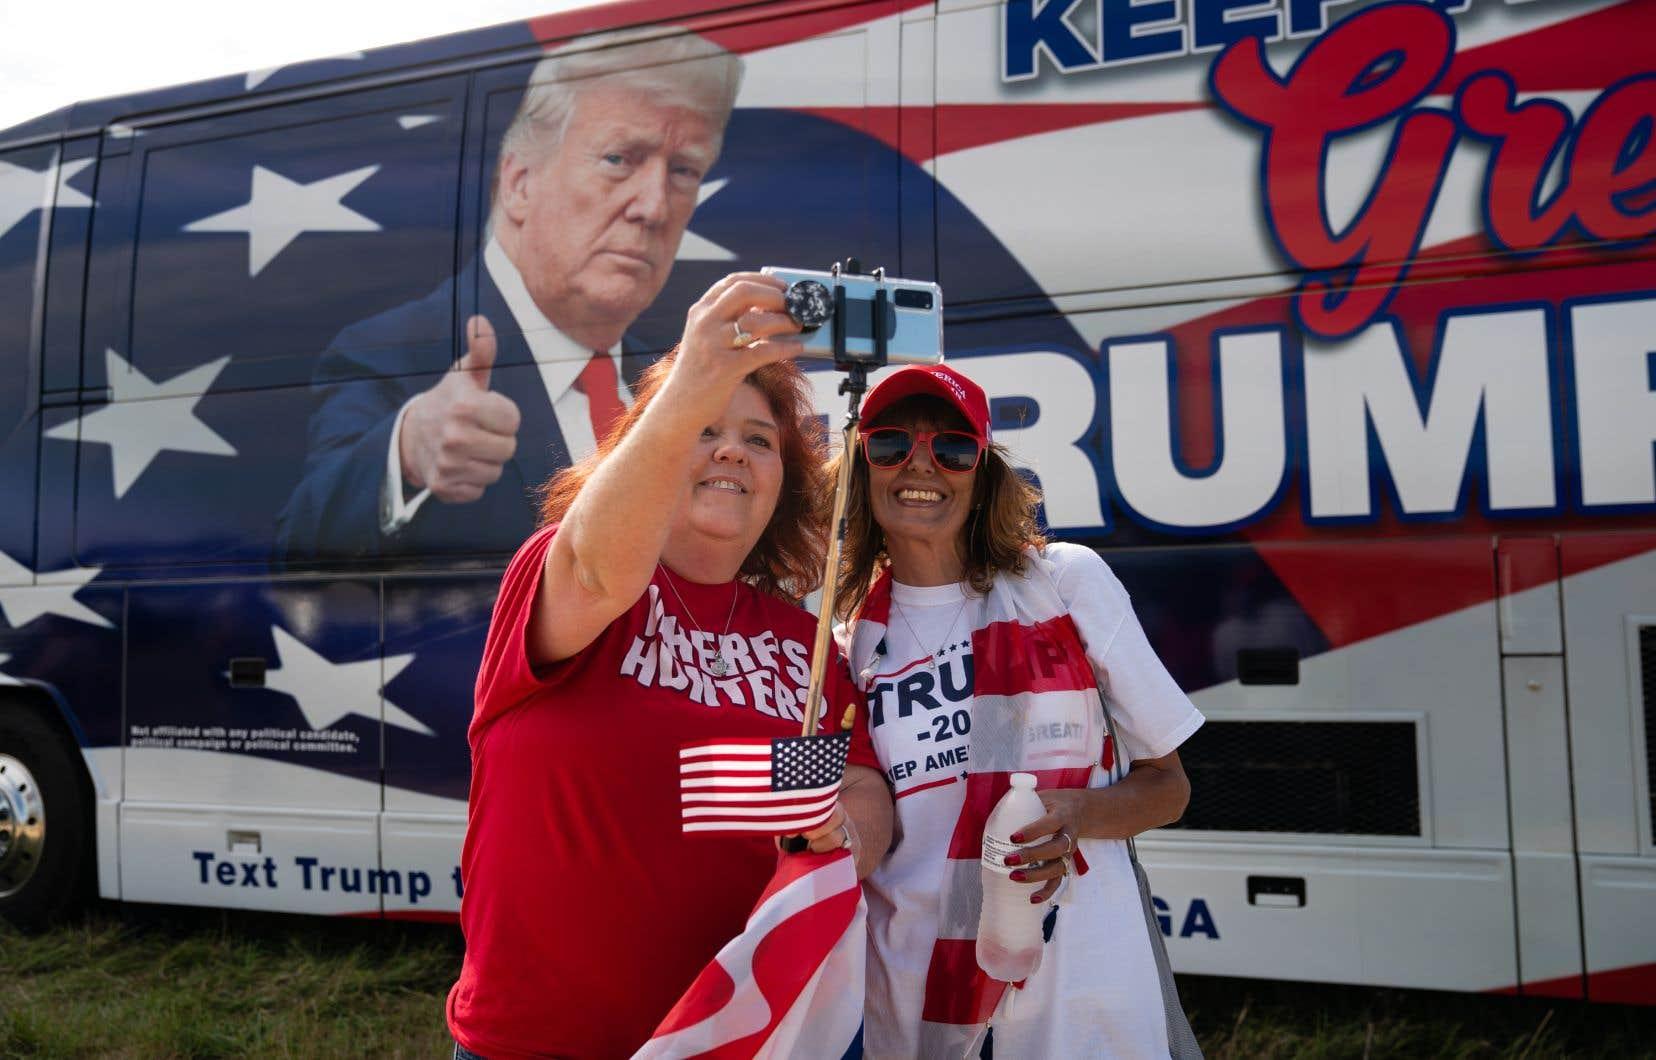 Les électrices de droite représentent environ le quart des votants dans les États dynamiques importants pouvant peser lourd dans la balance du collège électoral.